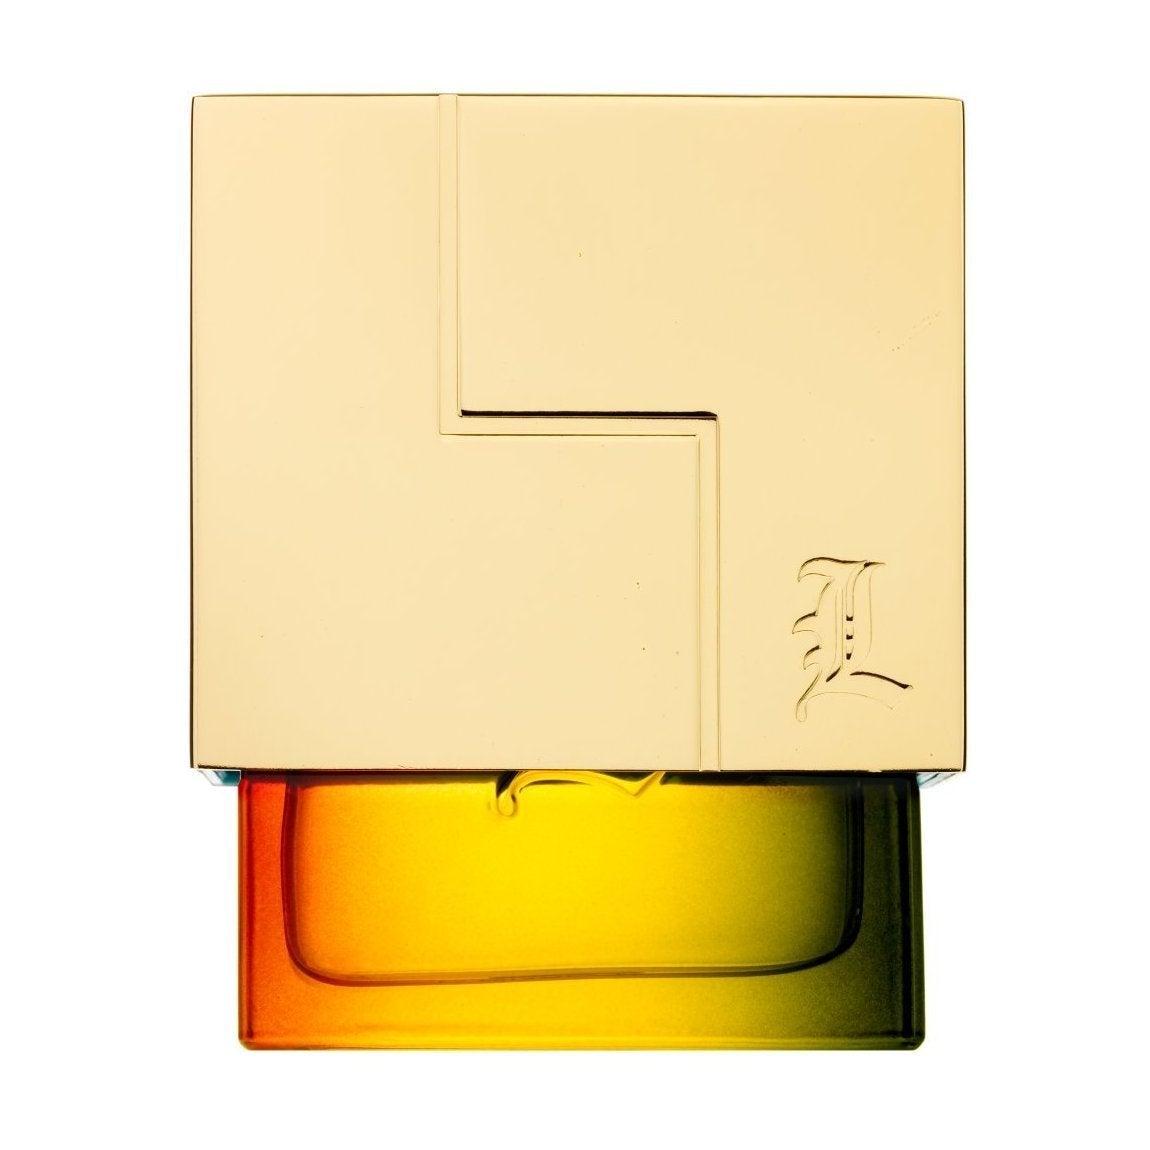 Gwen Stefani L LAMB 100ml EDP Women's Perfume